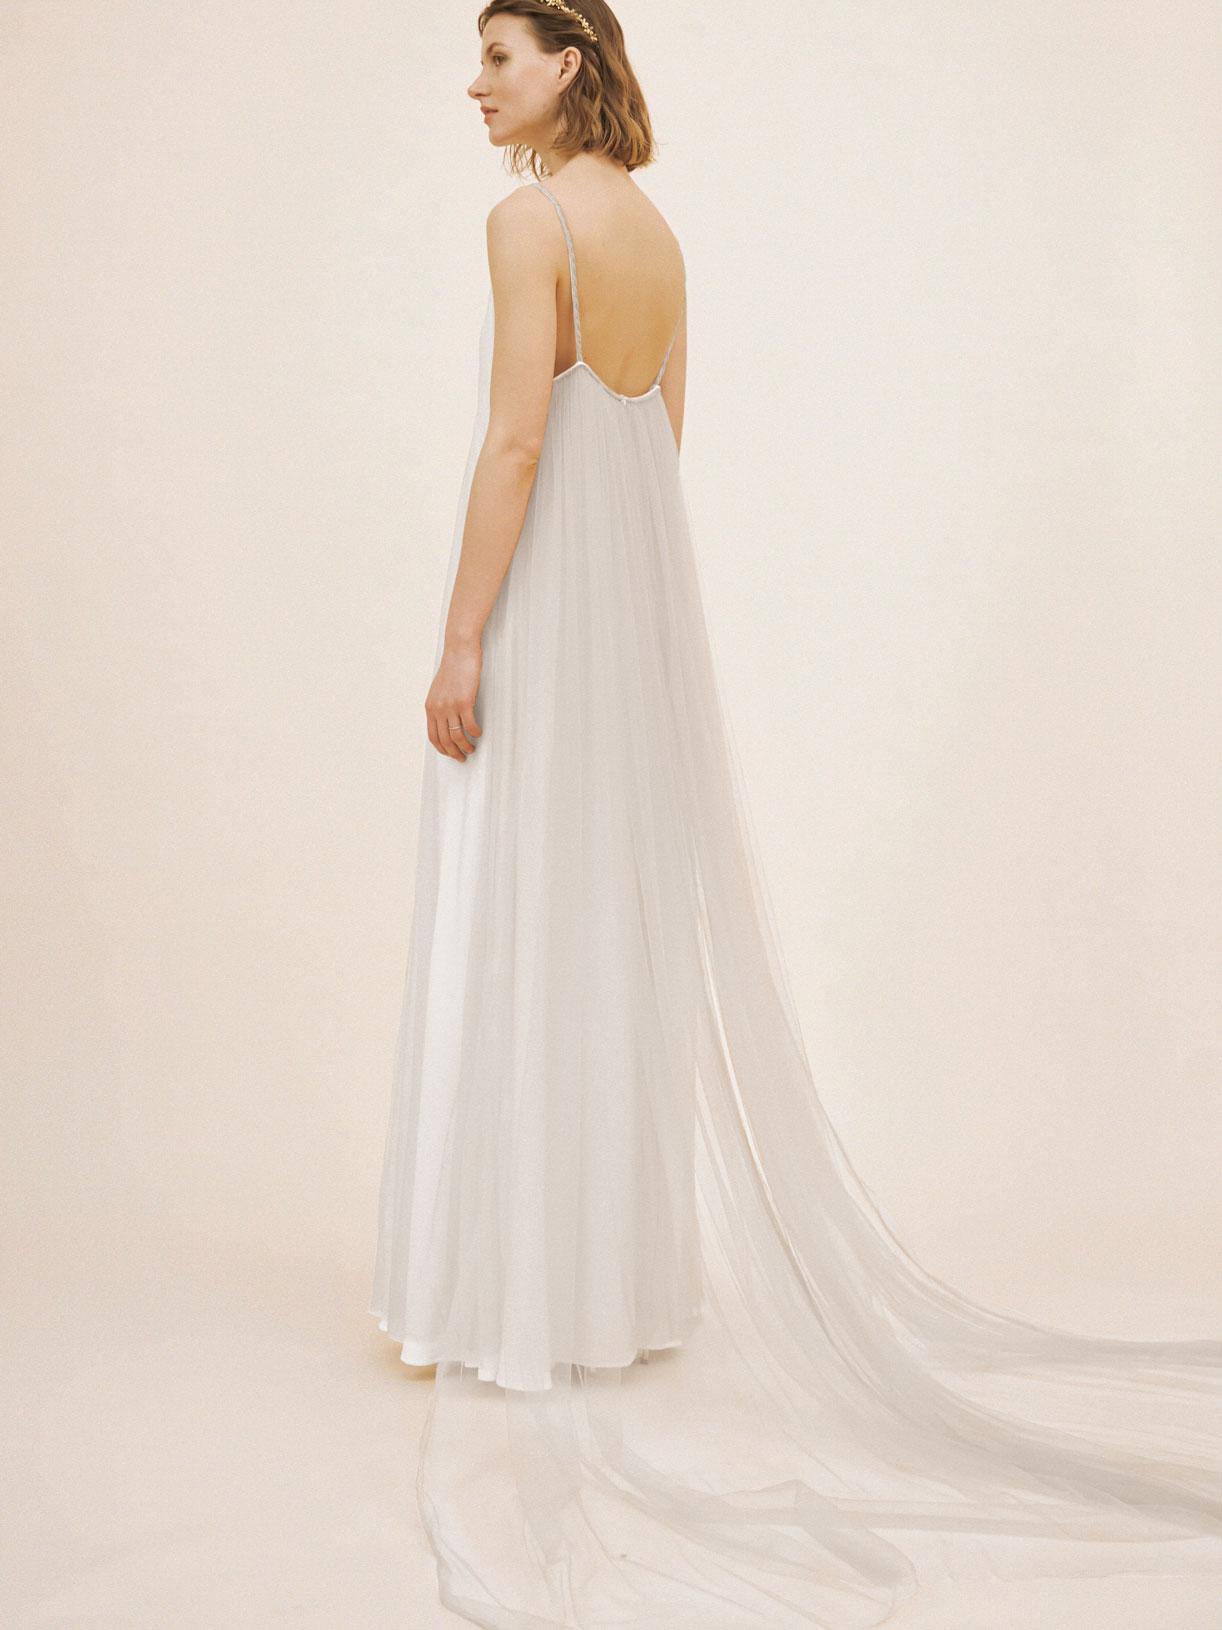 Robe de mariée bohème a traine écoresponsable - Creatrice de robe de mariée éthique et bio a Paris - Myphilosophy